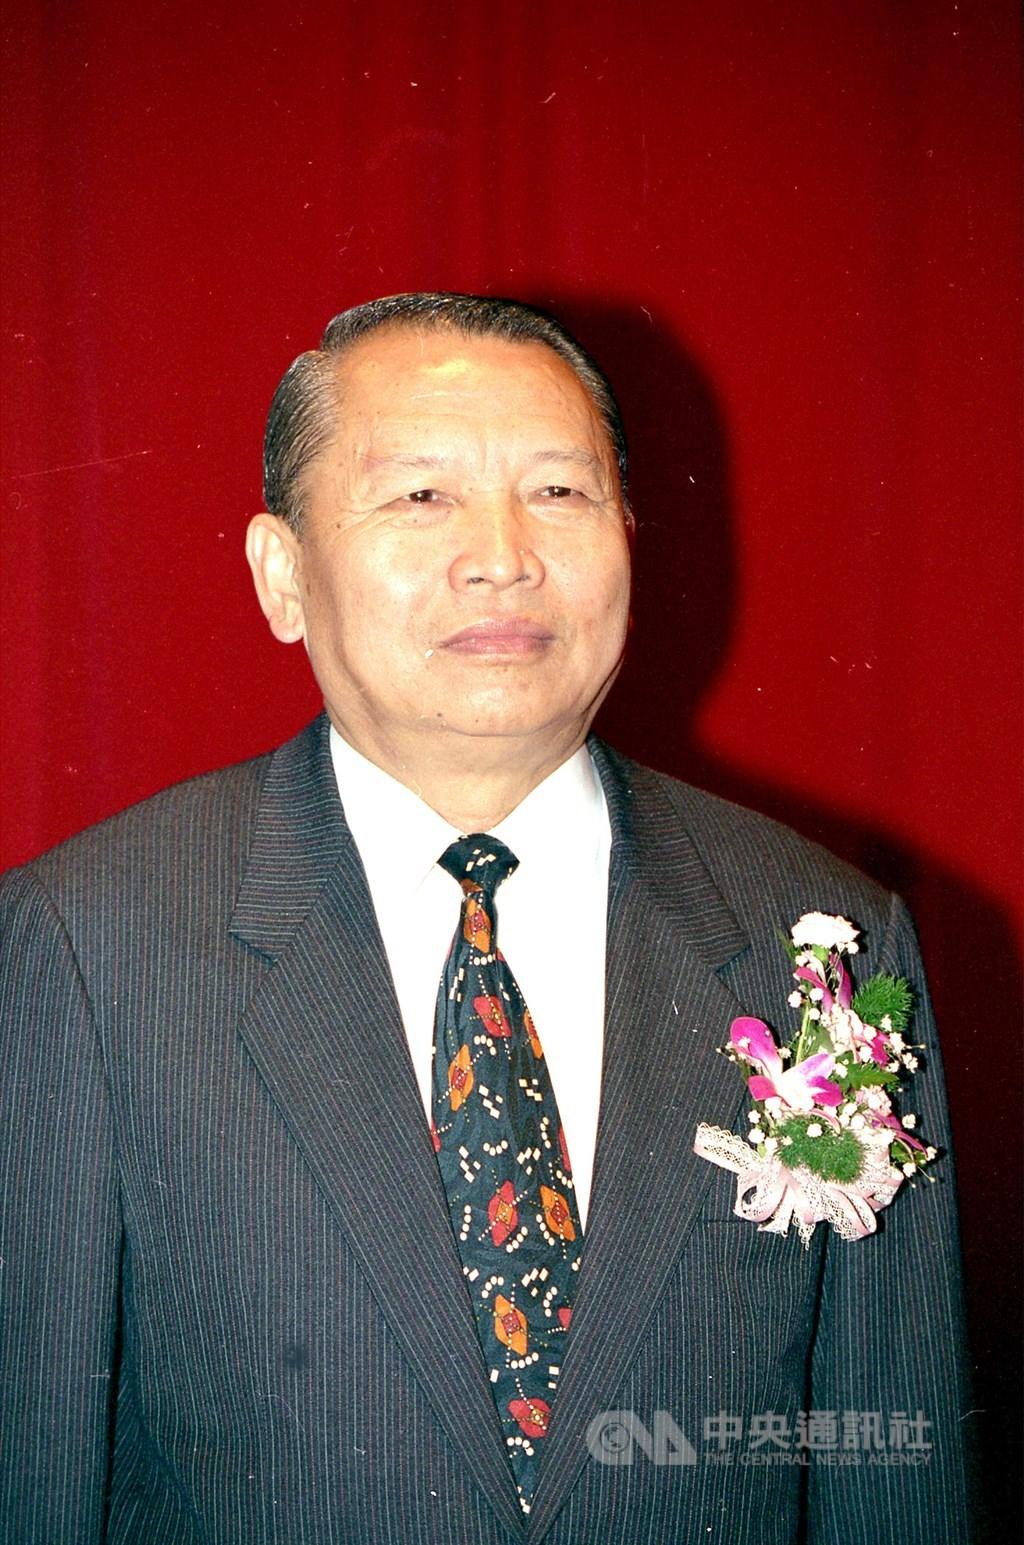 前退輔會主委周世斌24日晚間在台北榮民總醫院逝世,享壽89歲。(中央社檔案照片)